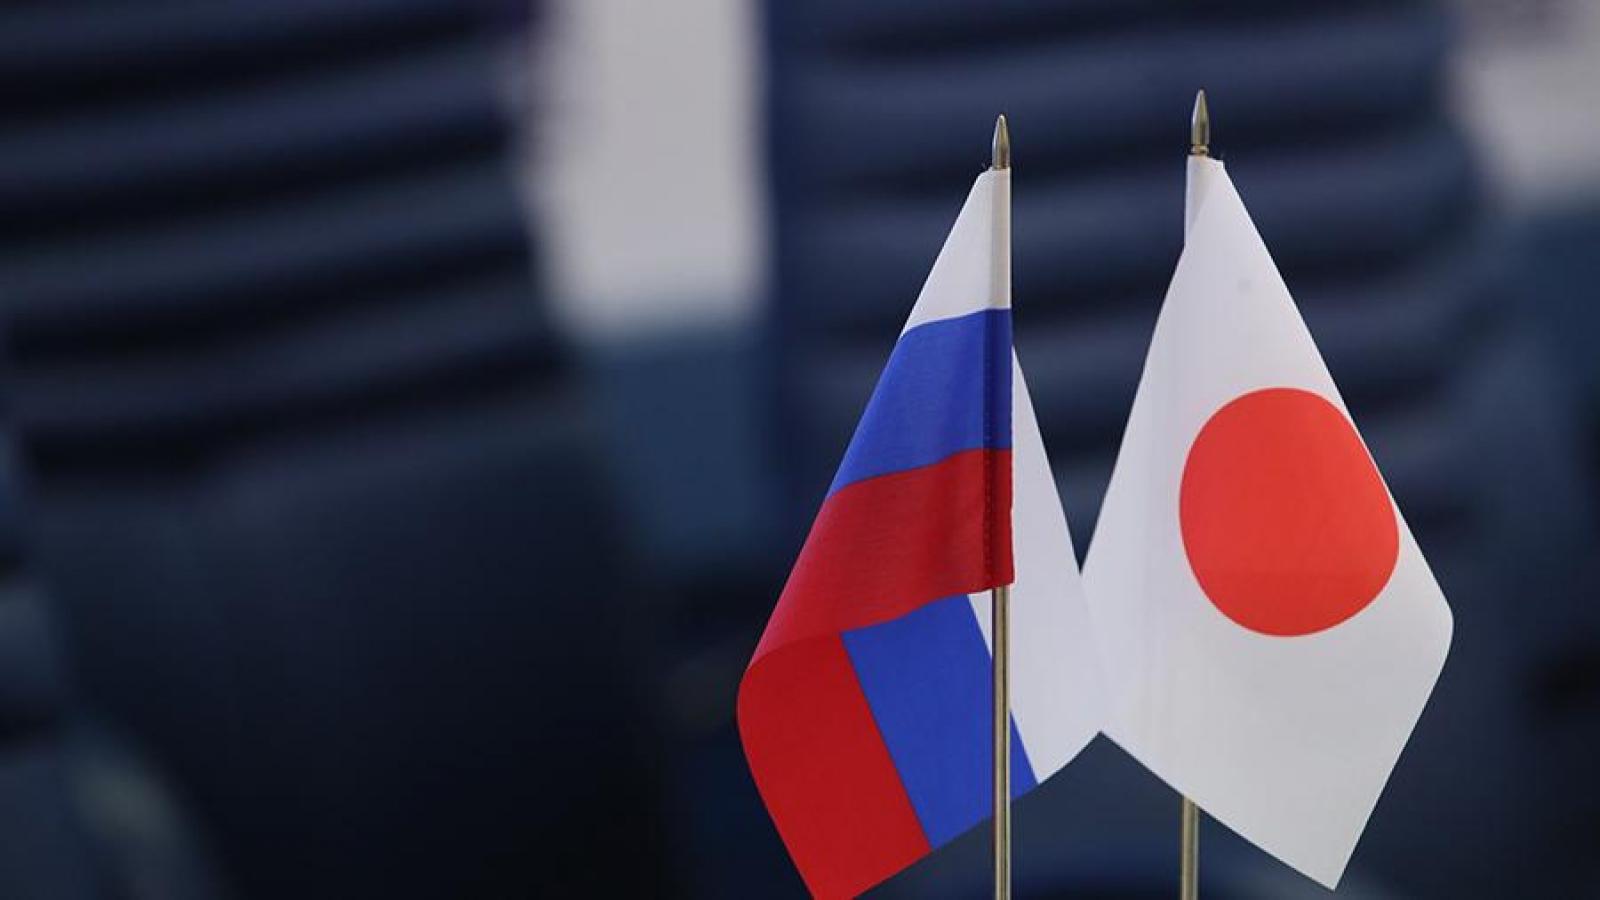 Quan hệ Nga, Nhật Bản lại căng thẳng vì đảo tranh chấp